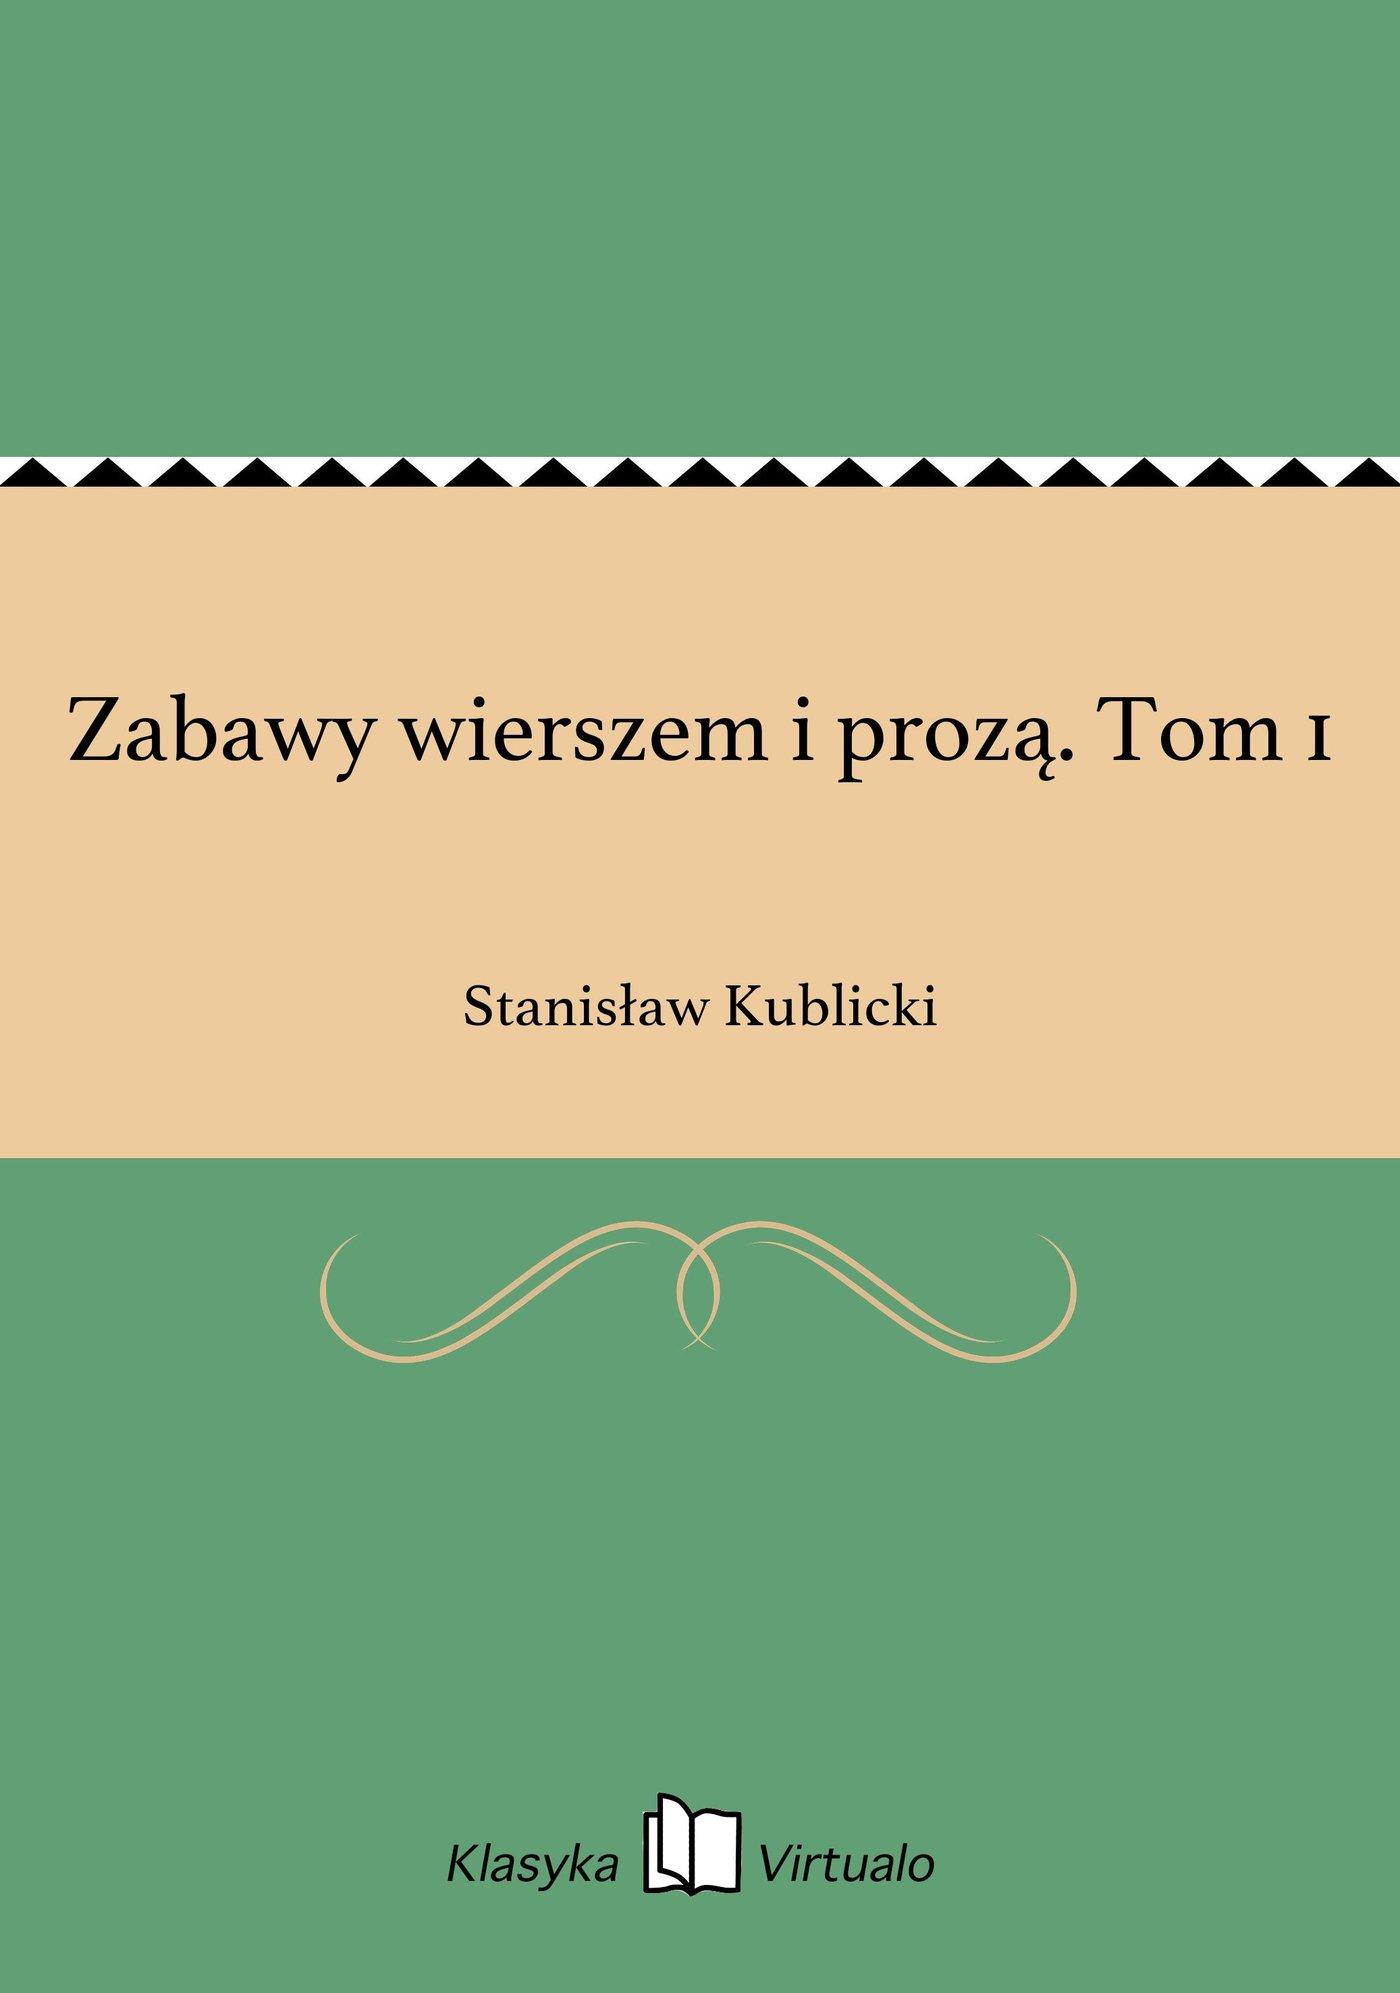 Zabawy wierszem i prozą. Tom 1 - Ebook (Książka EPUB) do pobrania w formacie EPUB